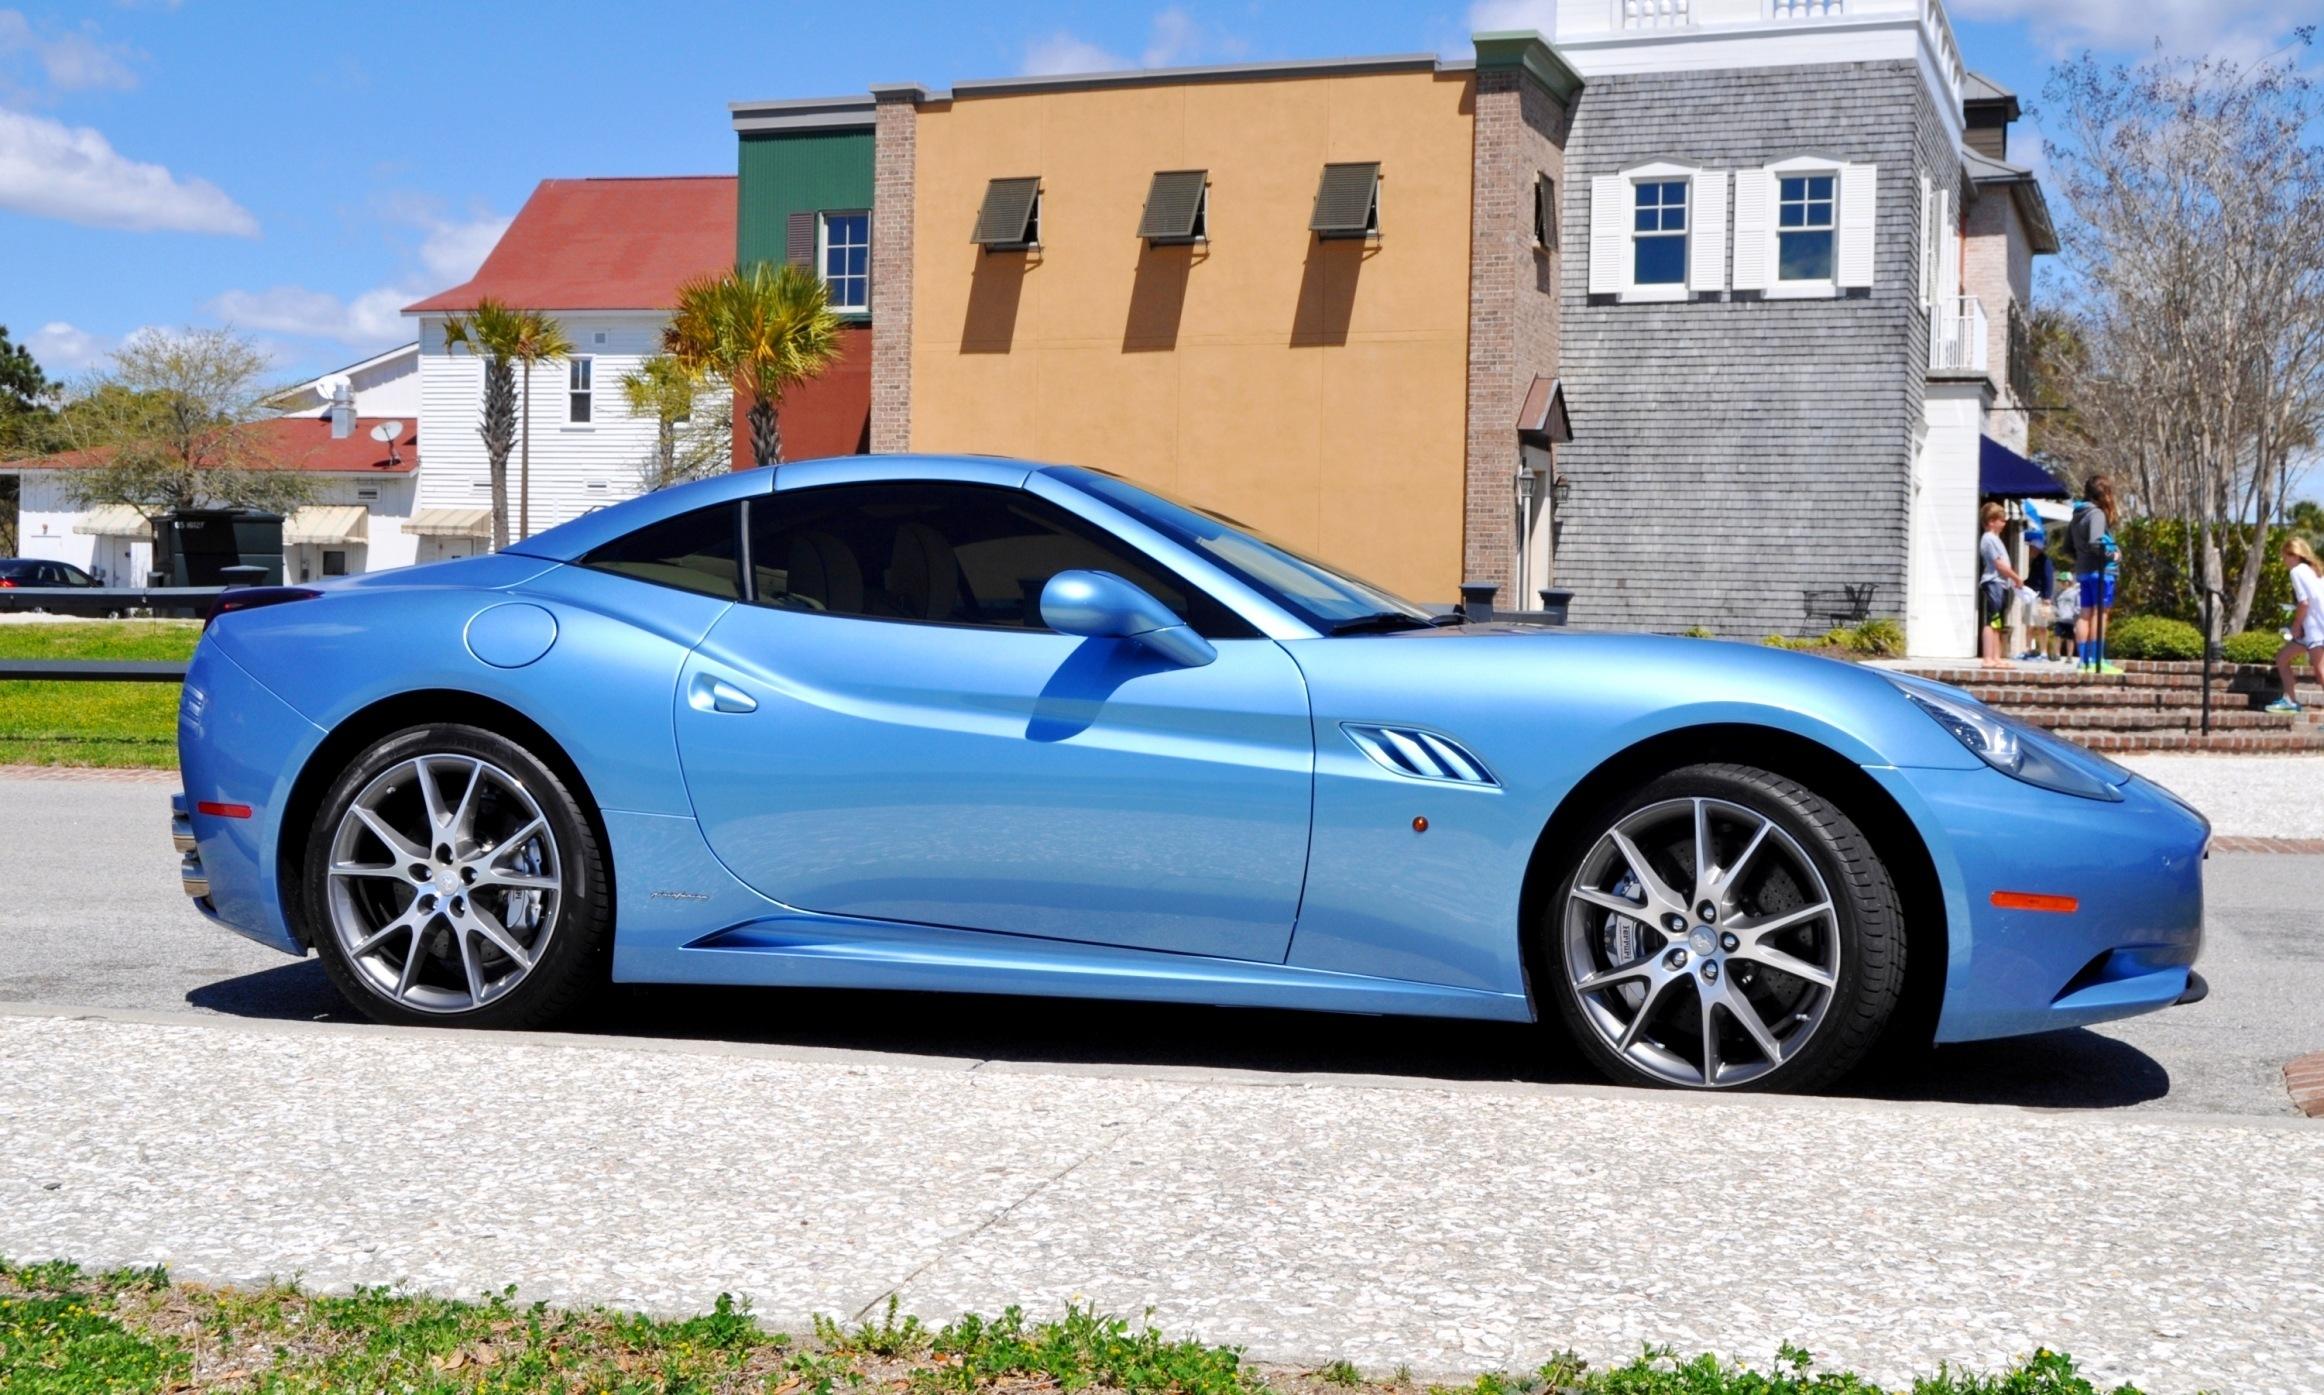 Milano, Ferrari blu parcheggiata nel posto per disabili: padre invalido aggredito